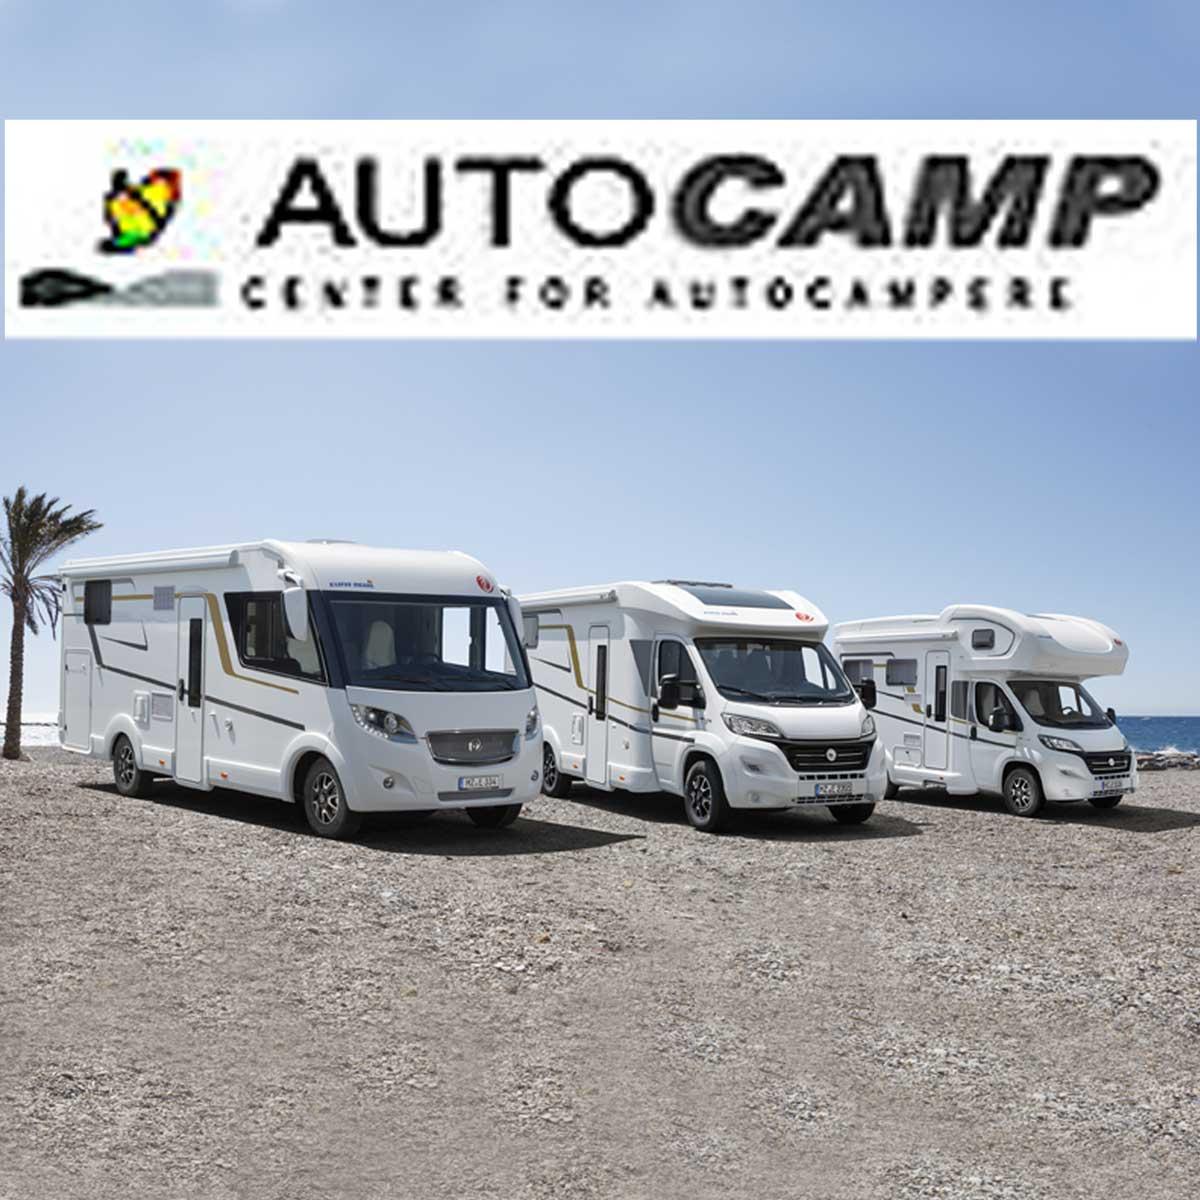 autocamp 4